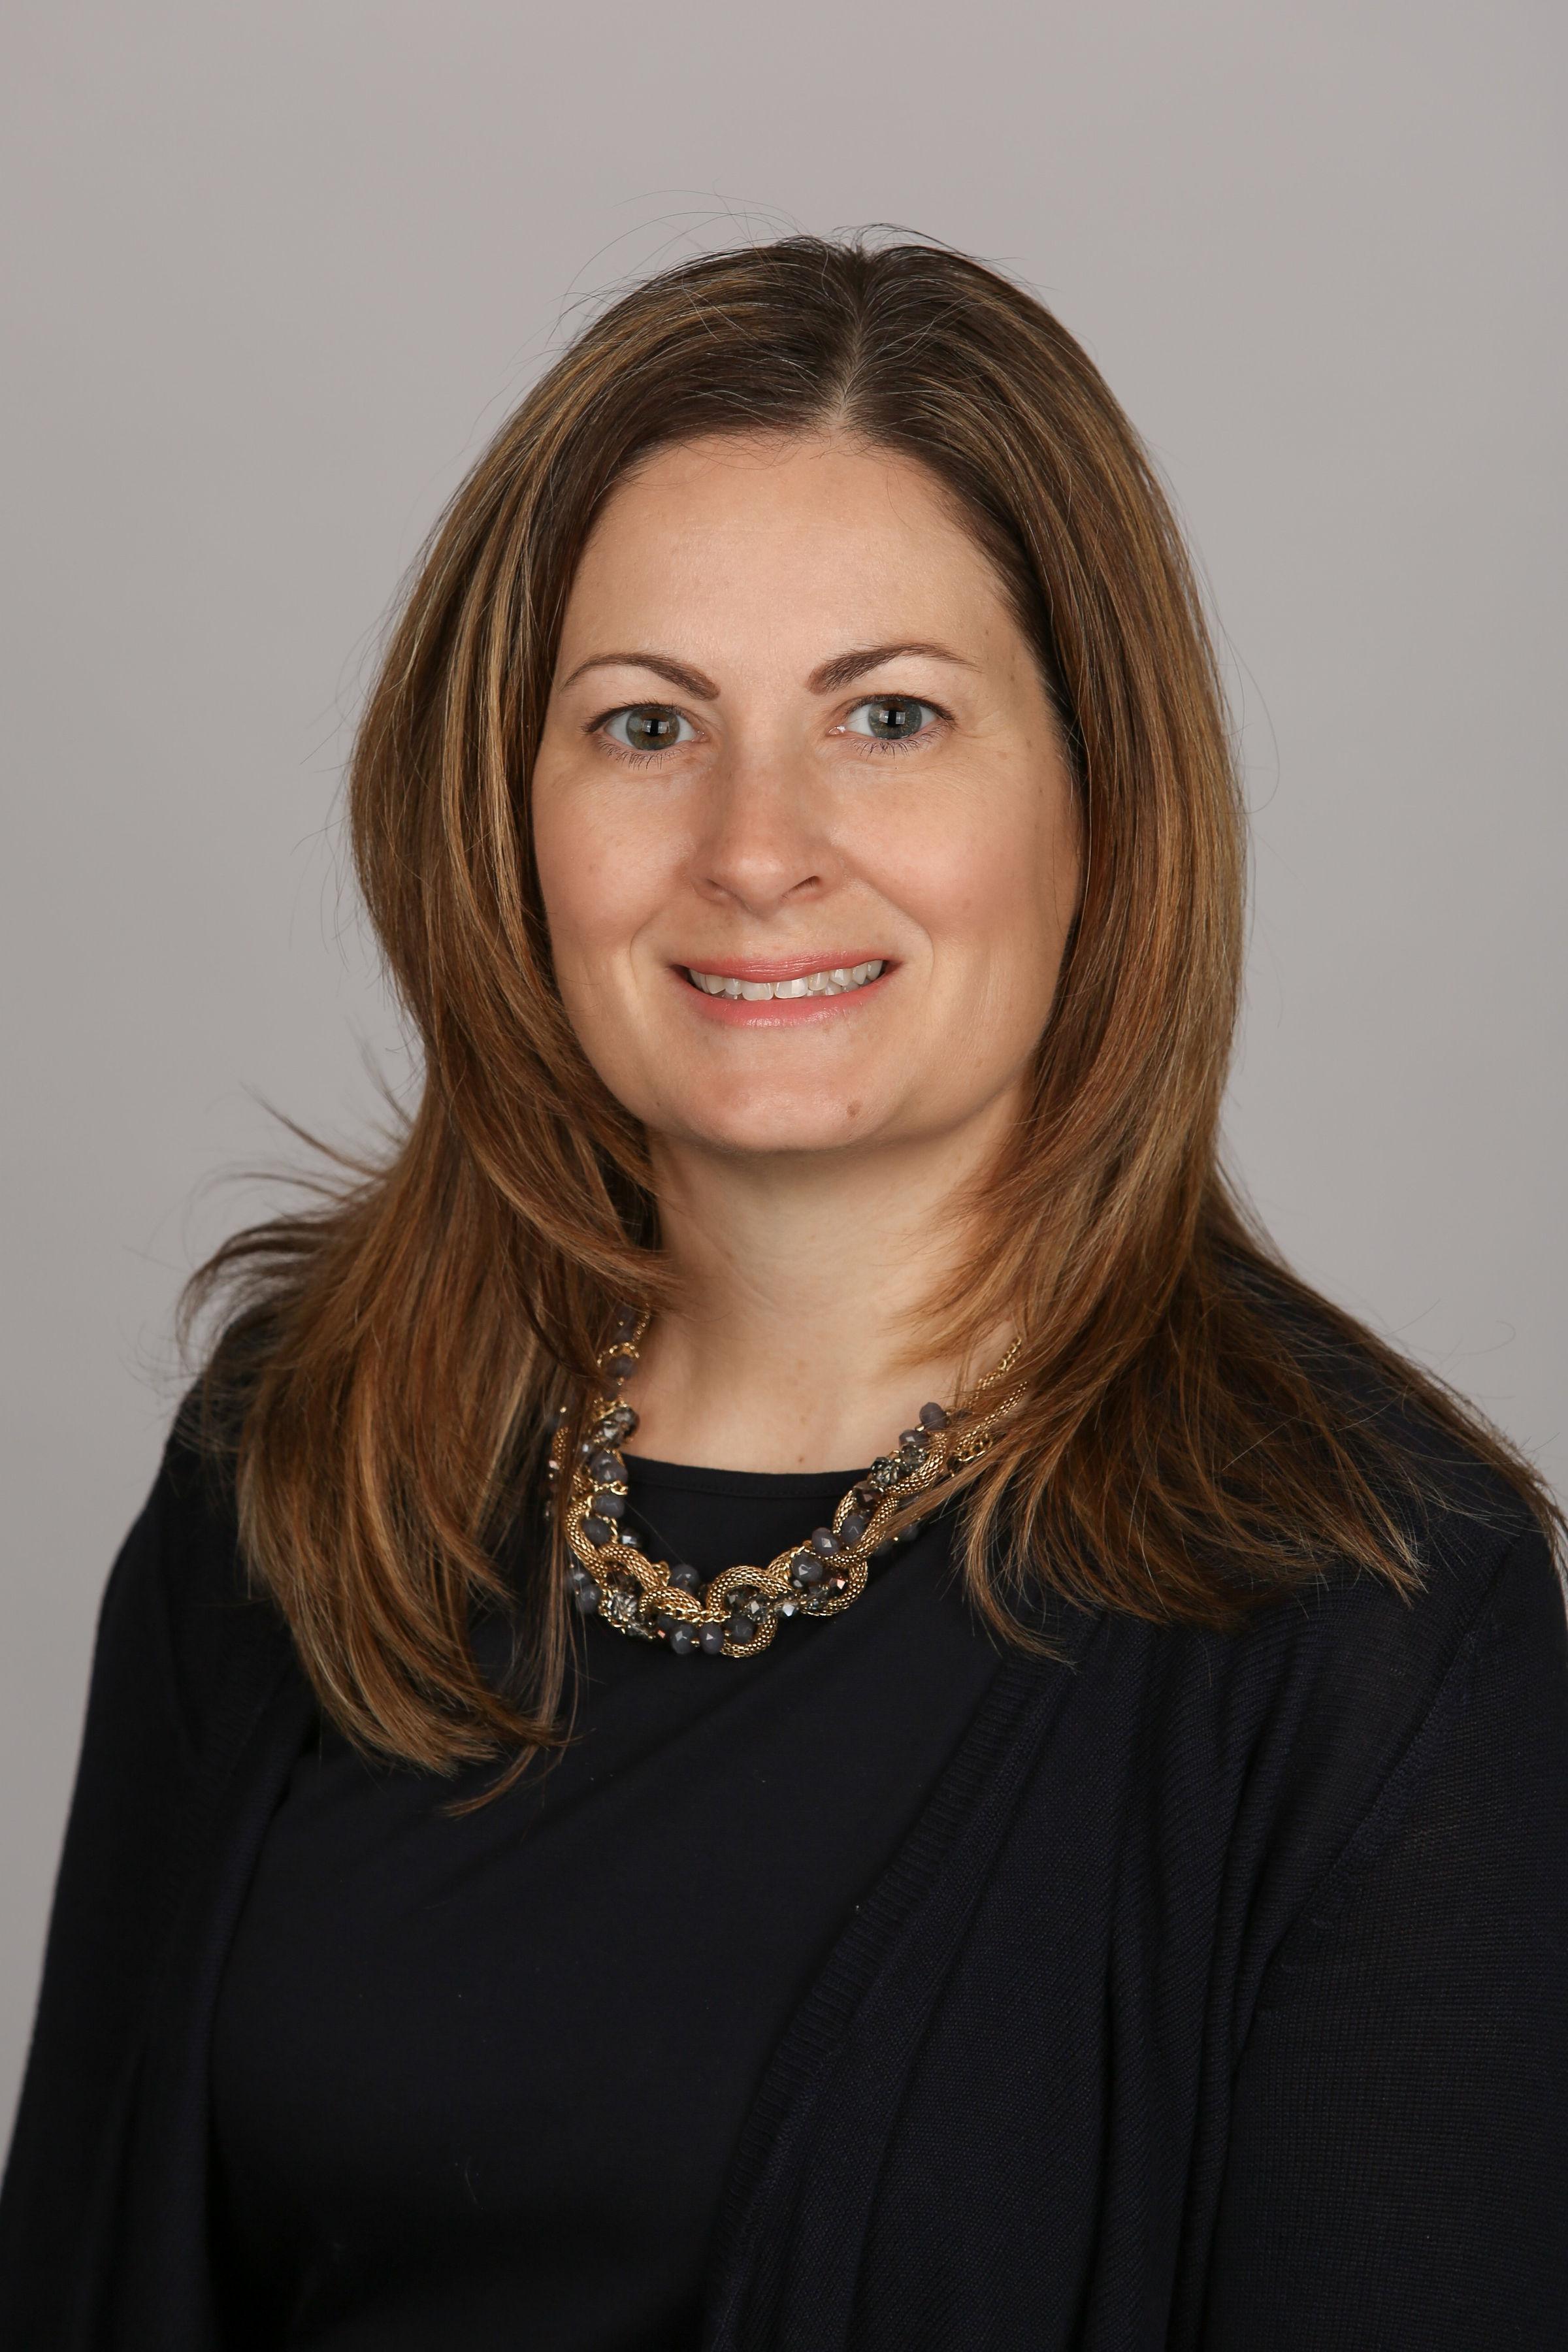 Jill Desjean